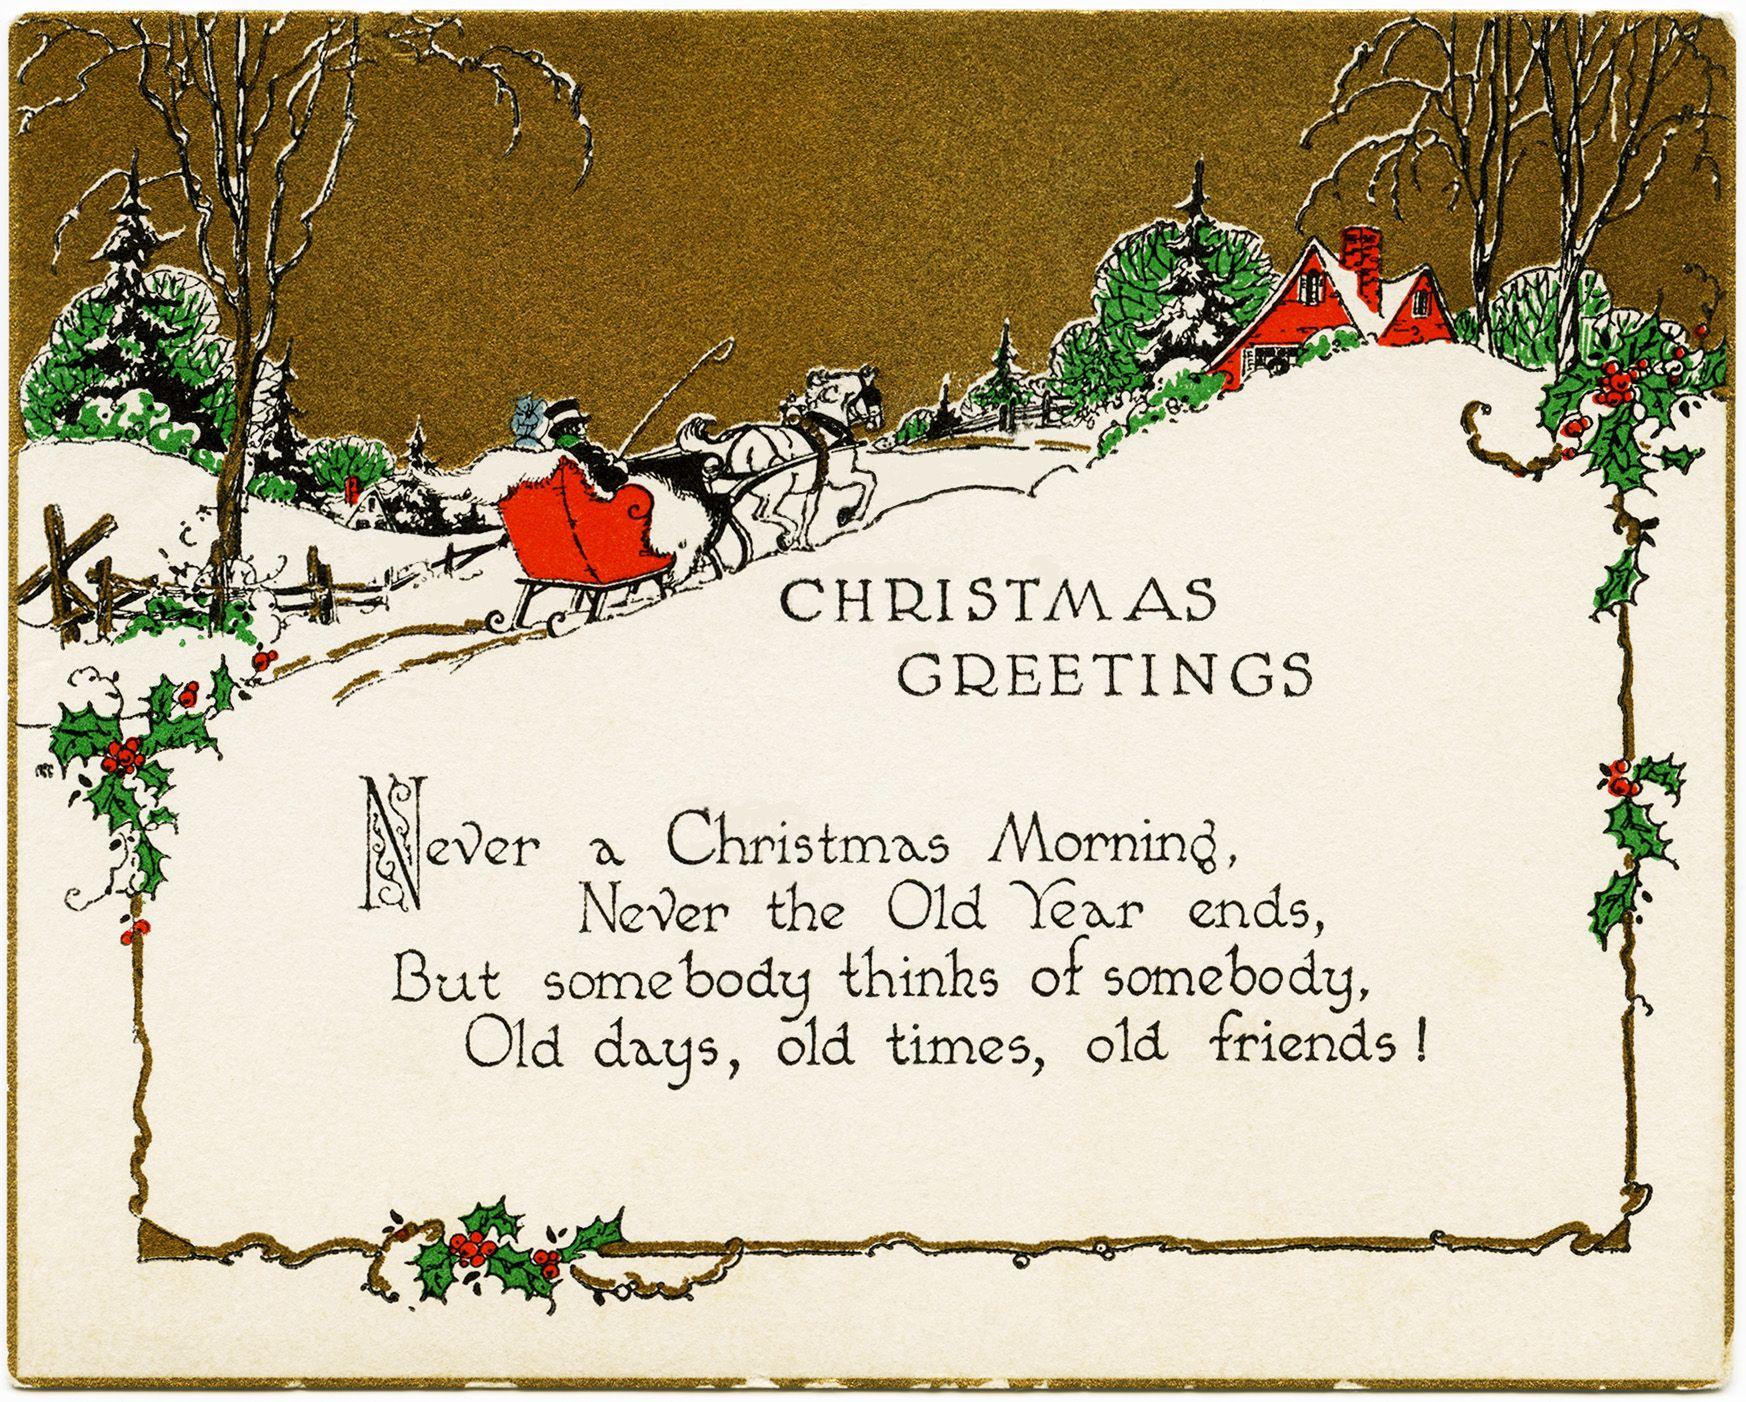 Christmas greetings home Google Search Christmas